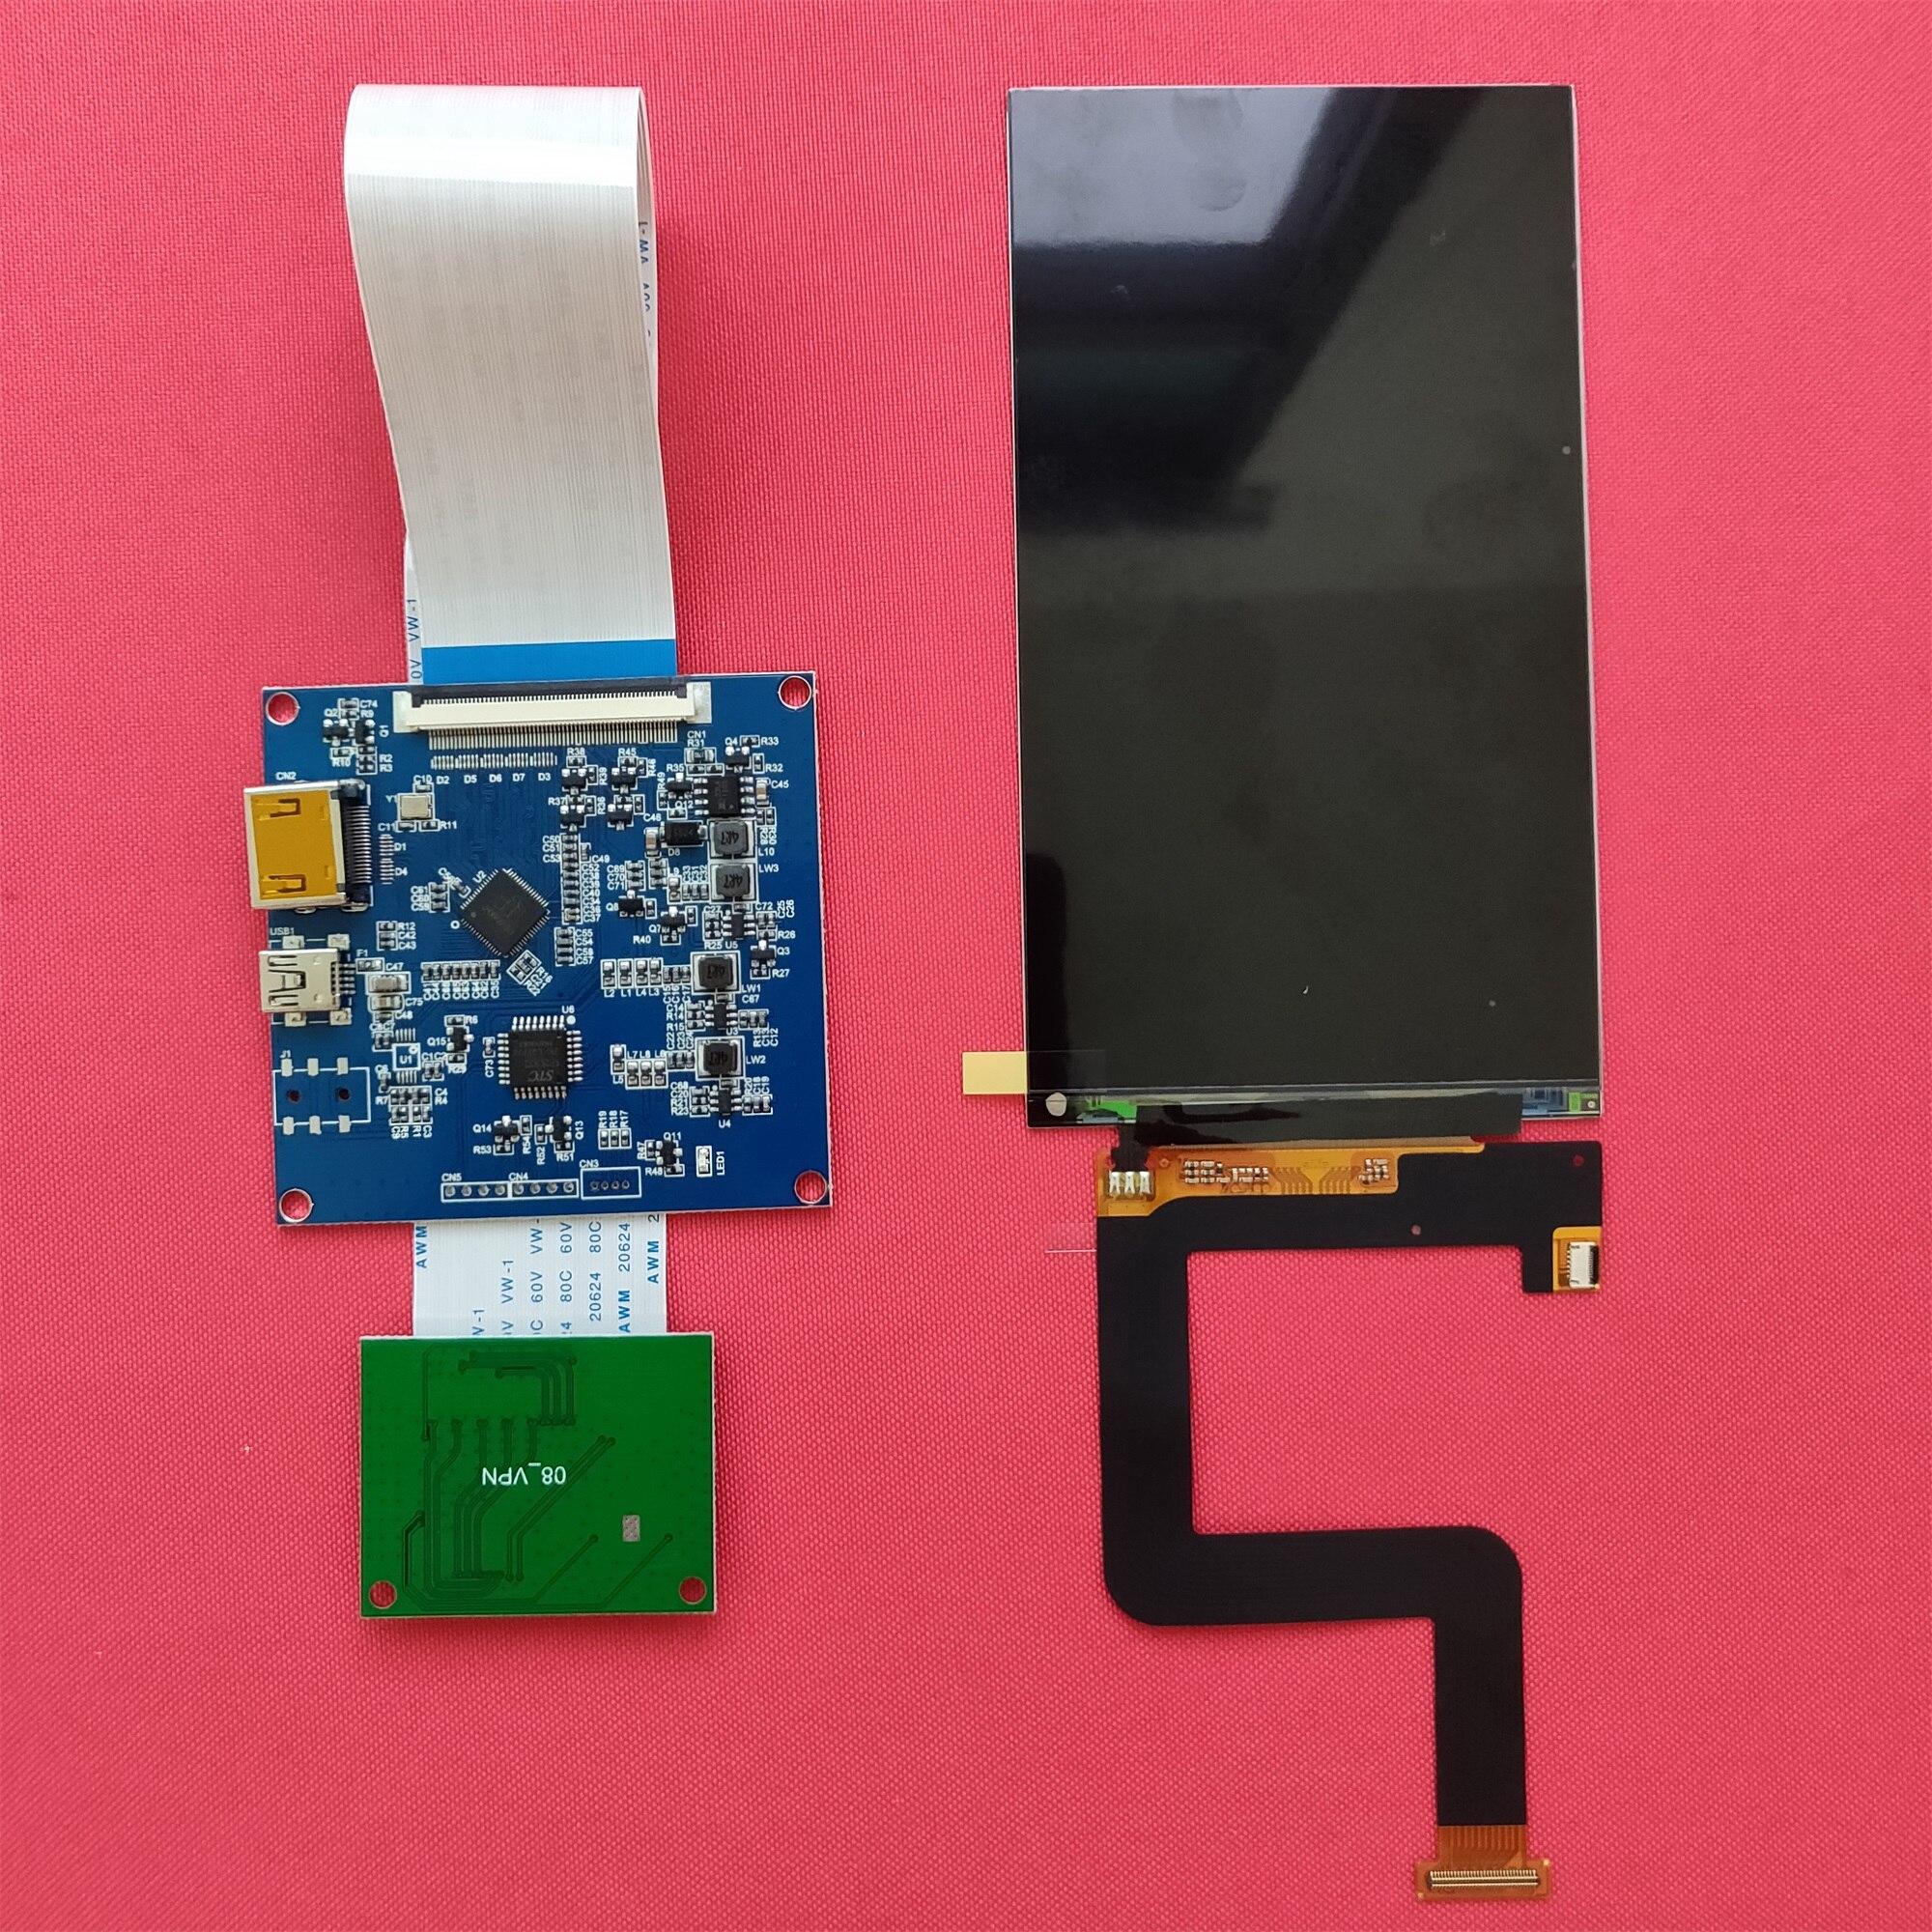 5.5 pouces 1440 p hdmi écran d'affichage 1440*2560 avec hdmi à mipi pour les lunettes de réalité virtuelle dk2 bricolage pour imprimante 3d raspberry pi 3